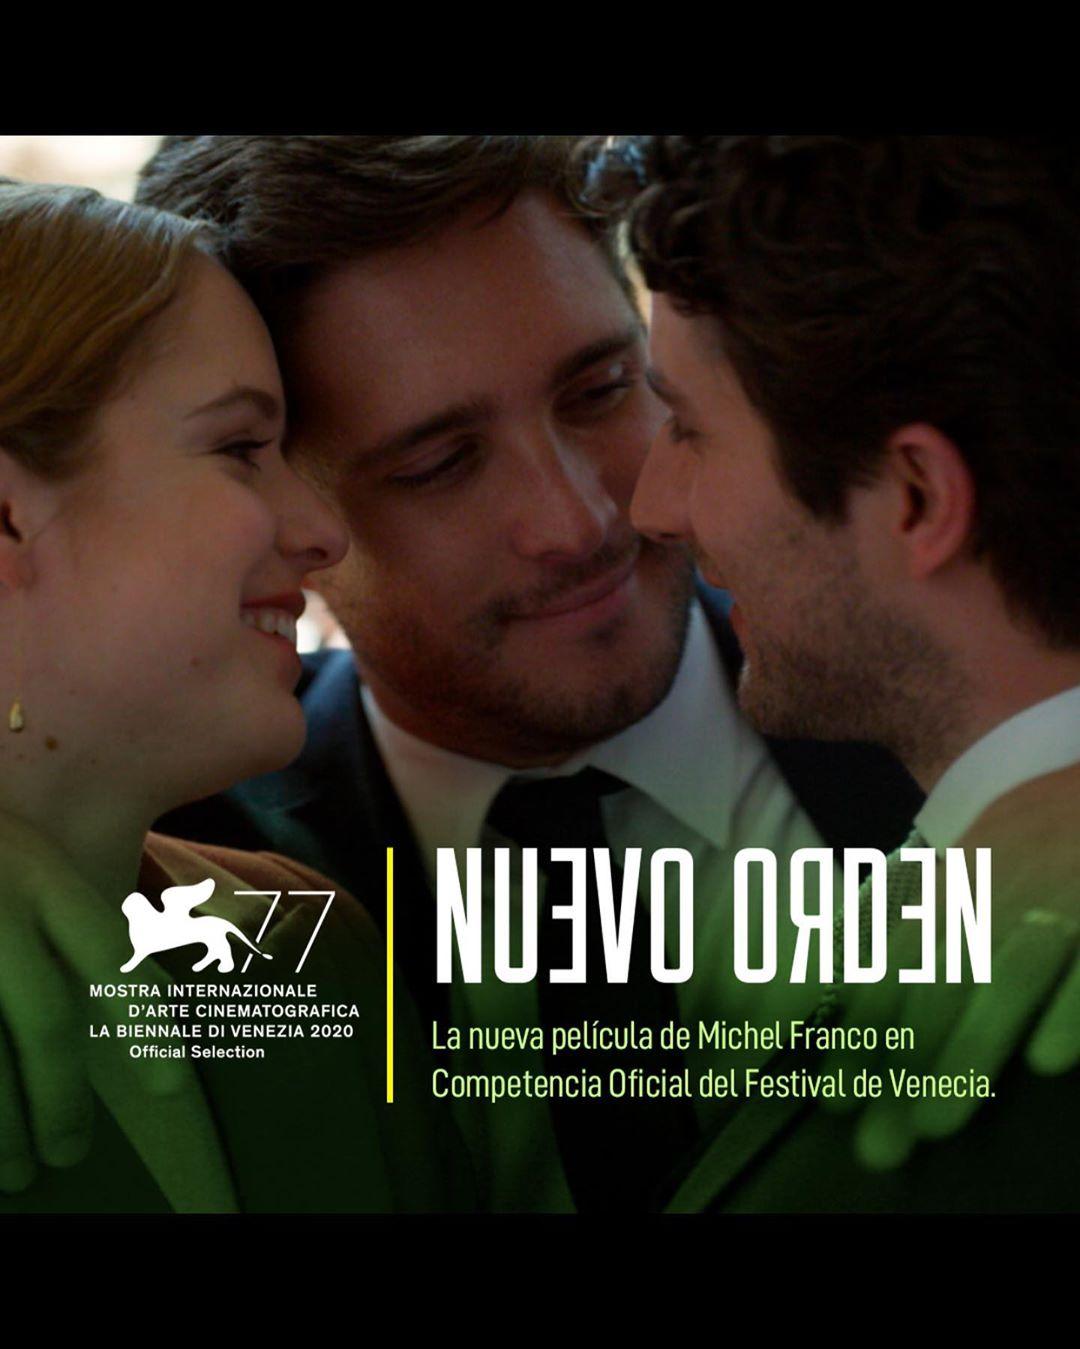 """Nuevo Orden"""", el filme de Michel Franco, ganó el Leoncino de Oro en el  Festival de Cine de Venecia - Infobae"""